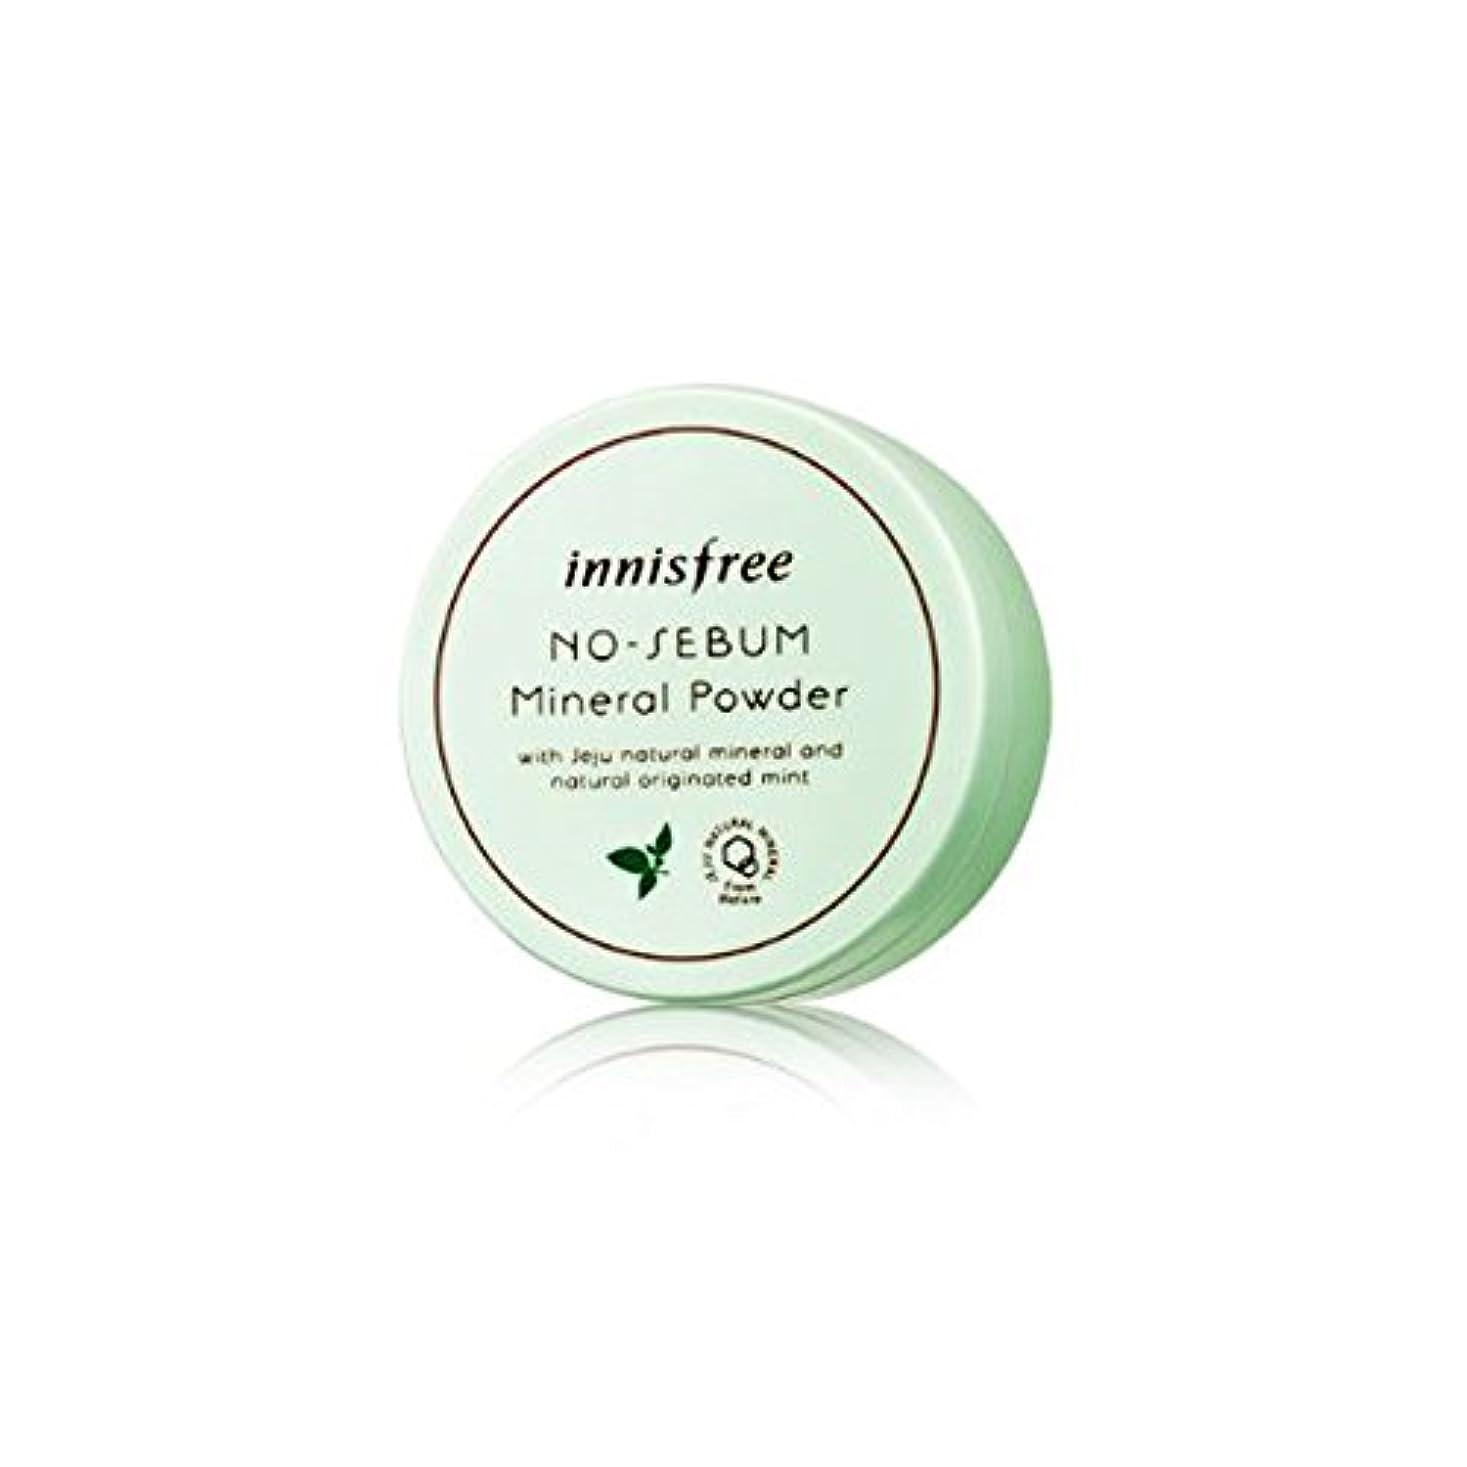 タヒチ立法アミューズイニスフリー Innisfree ノーシーバム ミネラルパウダー(5g) Innisfree No sebum Mineral Powder(5g) [海外直送品]